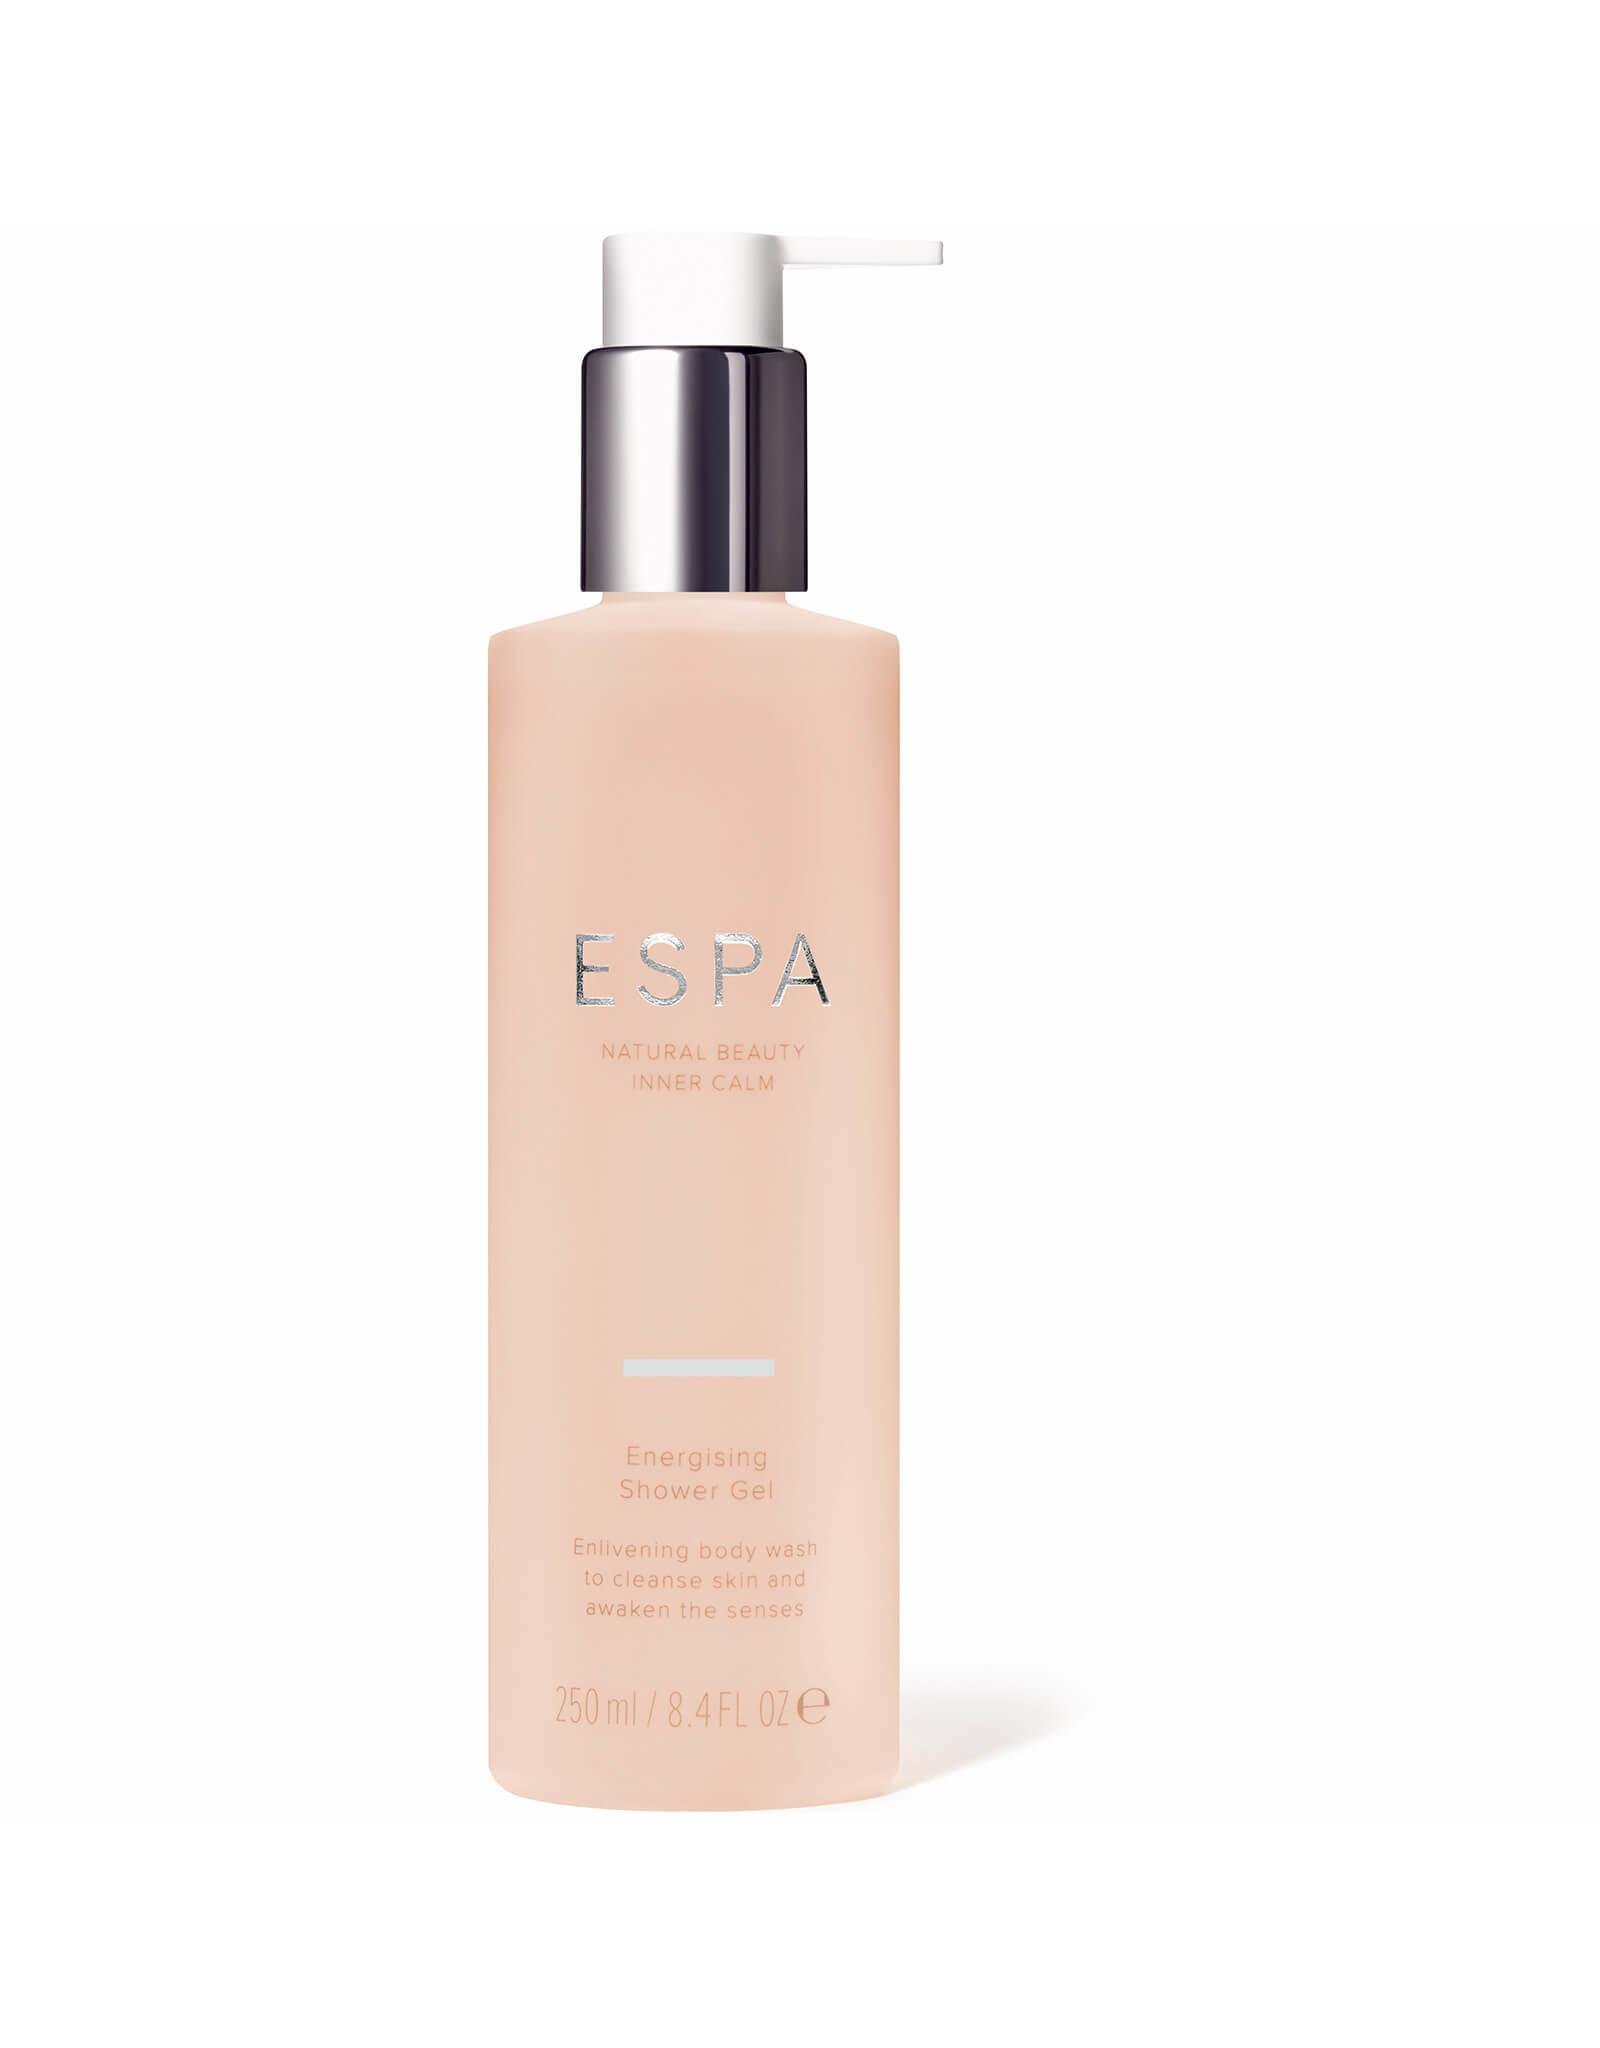 ESPA Energising Shower Gel, 250ml